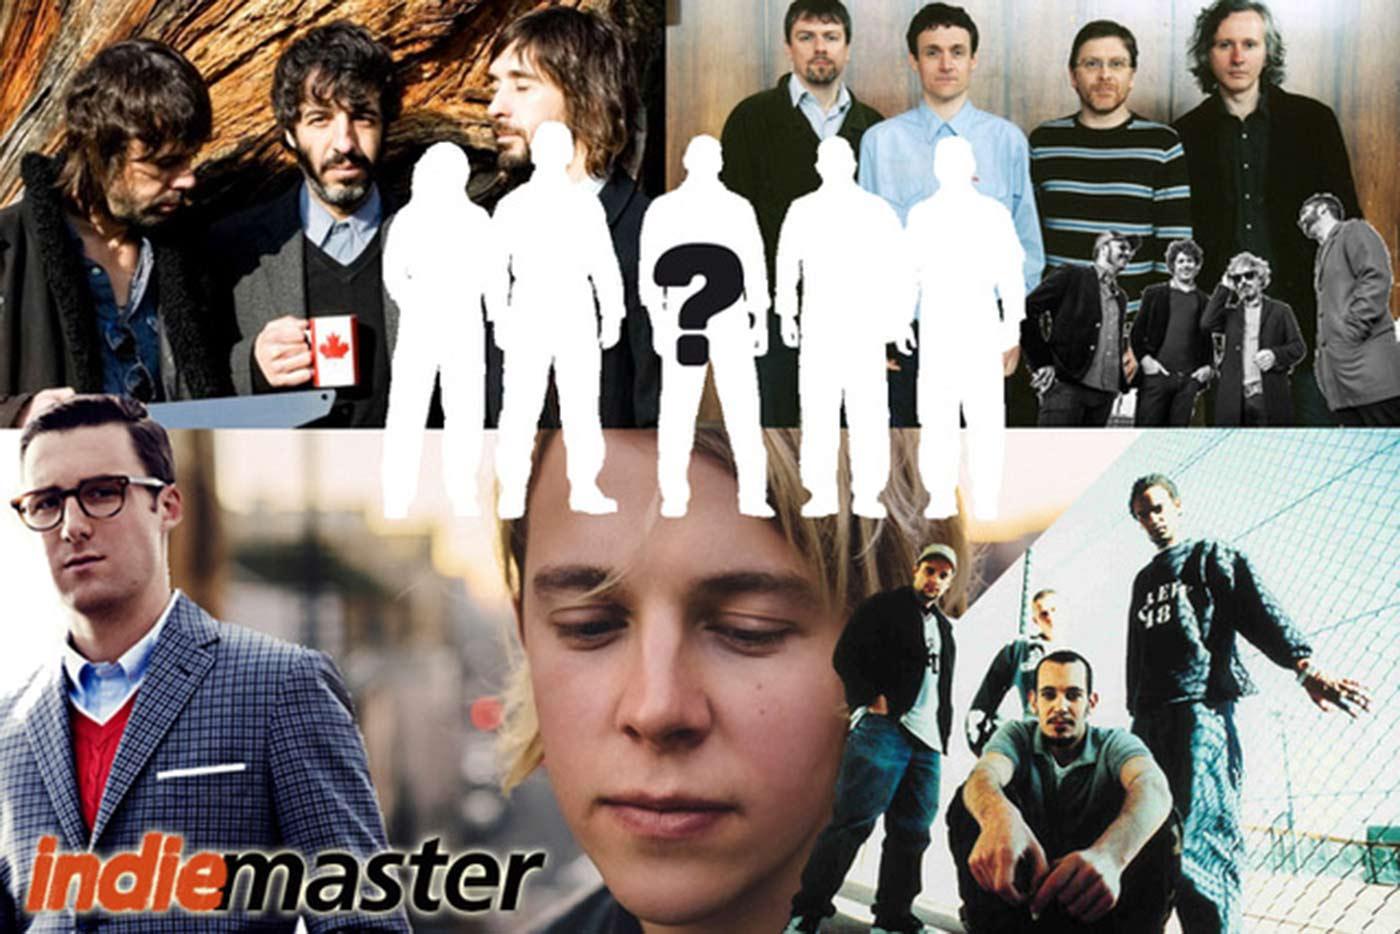 Llega la agenda indiemaster con el estreno de un vídeo exclusivo